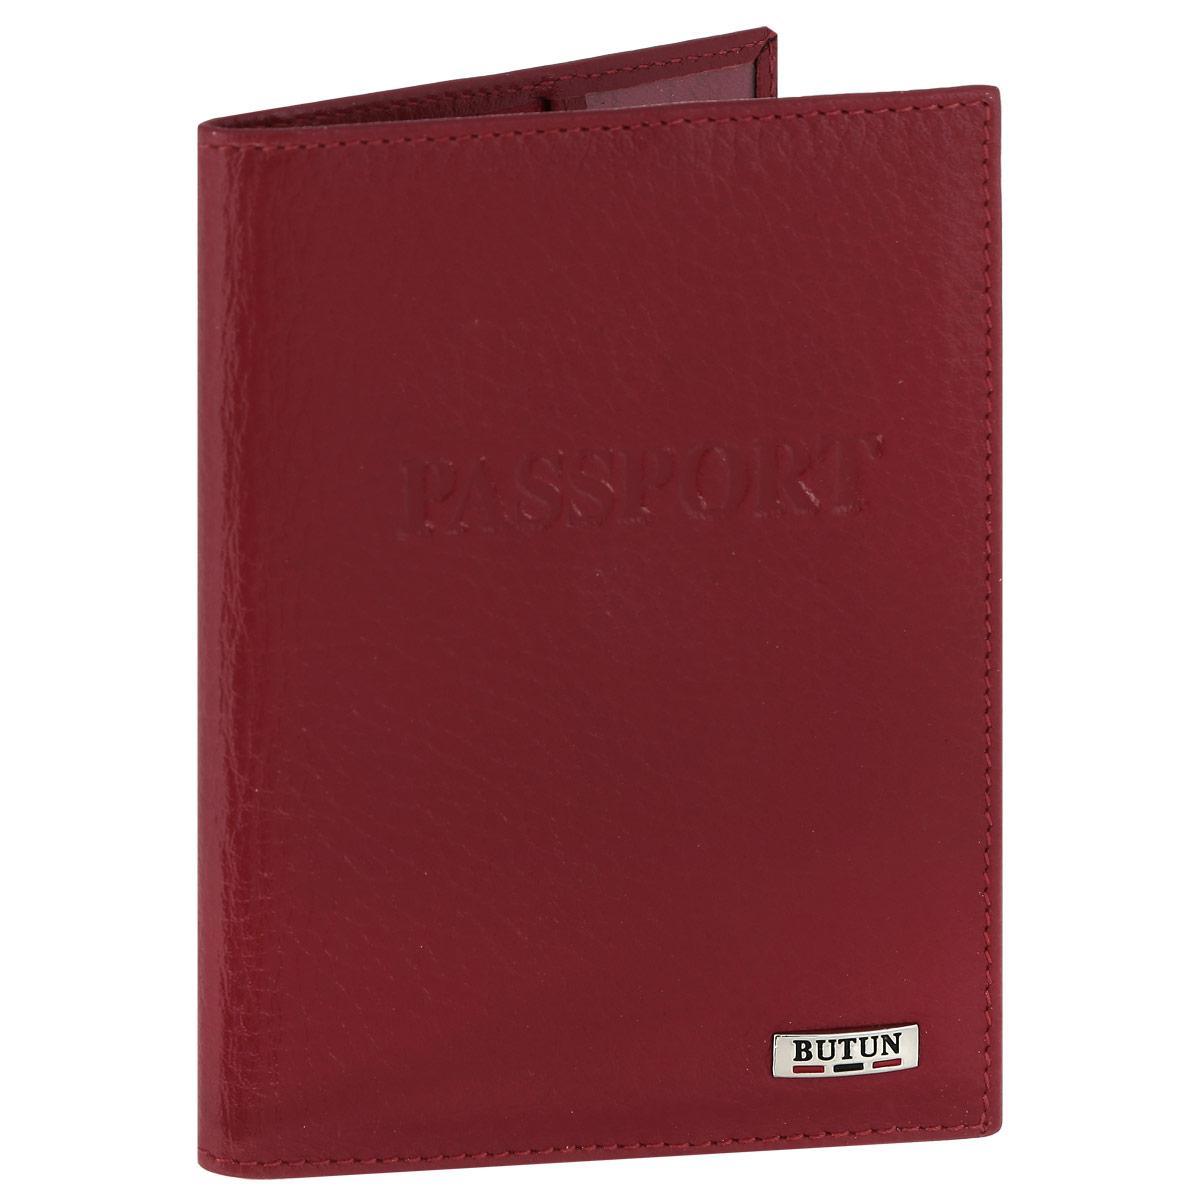 Обложка для паспорта Butun, цвет: красный. 147-004 006INT-06501Обложка для паспорта Butun выполнена из натуральной высококачественной кожи с фактурным тиснением. Документы надежно фиксируются при помощи двух прозрачных клапанов, расположенных на внутреннем развороте обложки. Обложка оформлена тисненой надпись Passport.Обложка не только поможет сохранить внешний вид ваших документов и защитит их от повреждений, но и станет ярким аксессуаром, который подчеркнет ваш образ. Обложка упакована в фирменную картонную коробку.